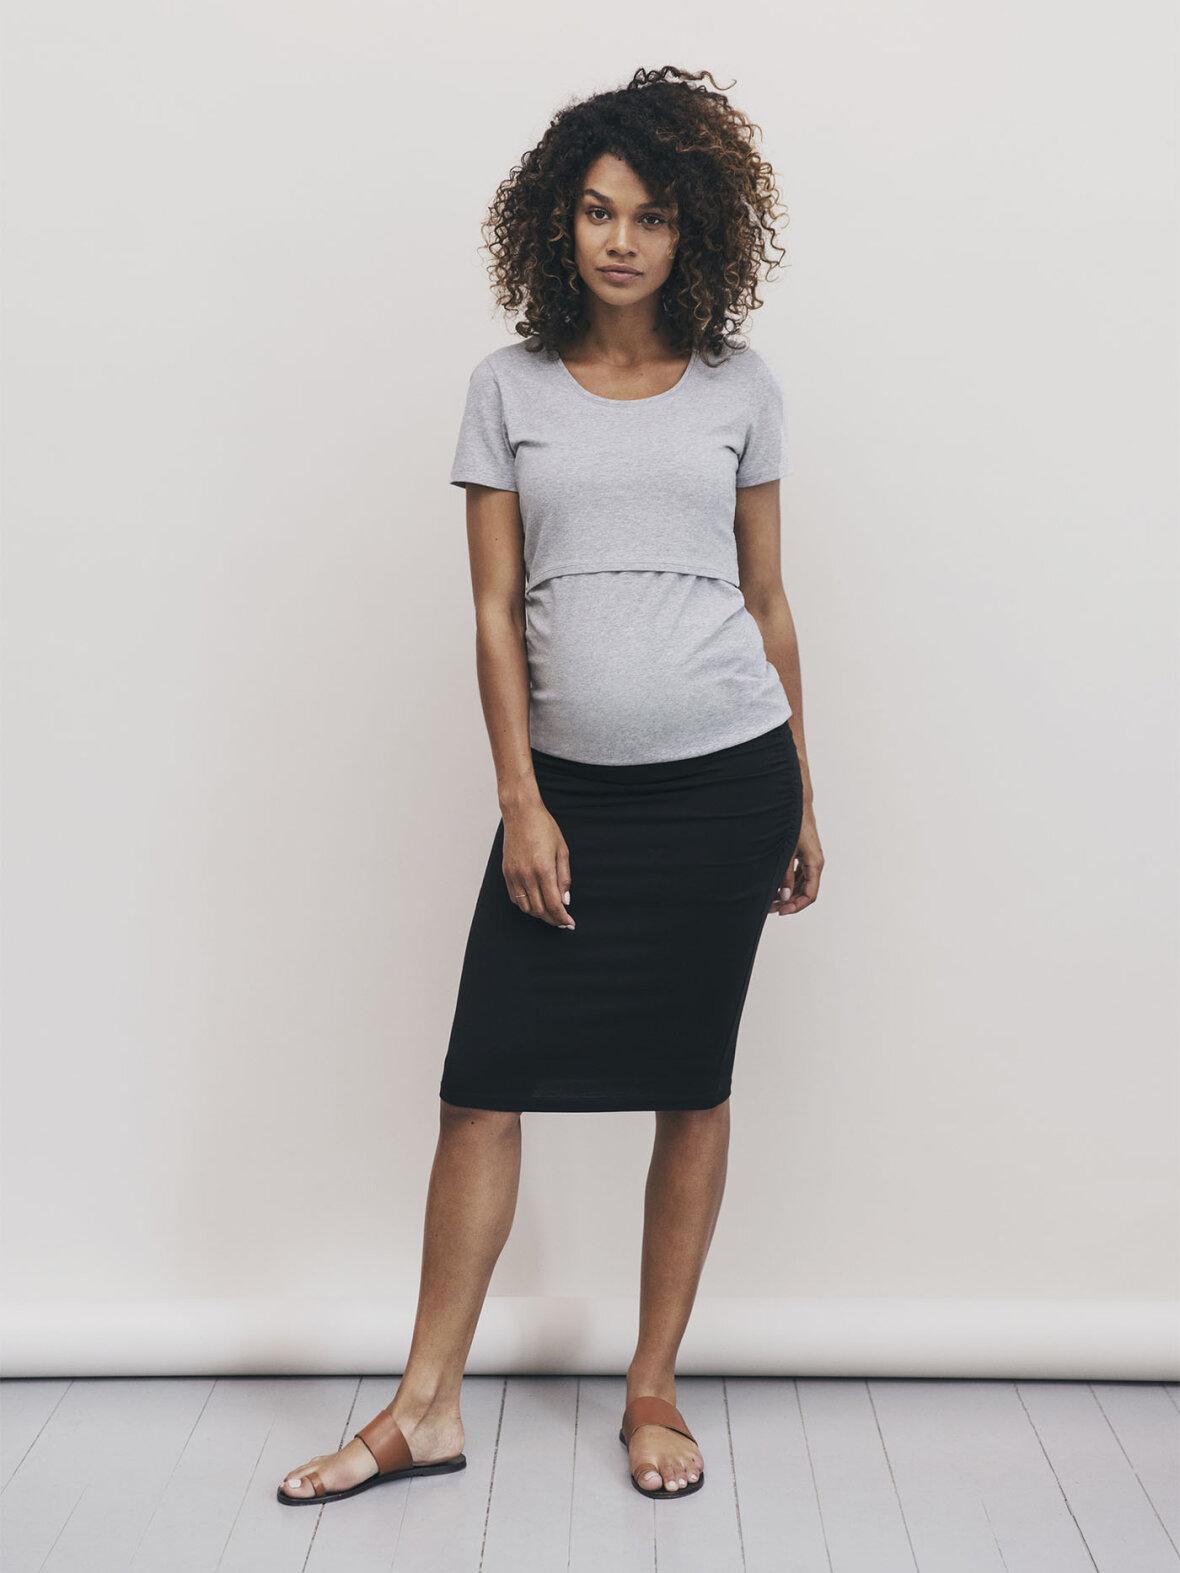 Enula9 - Gravid nederdele & shorts - Boob - Nederdel OONO ruched skirt